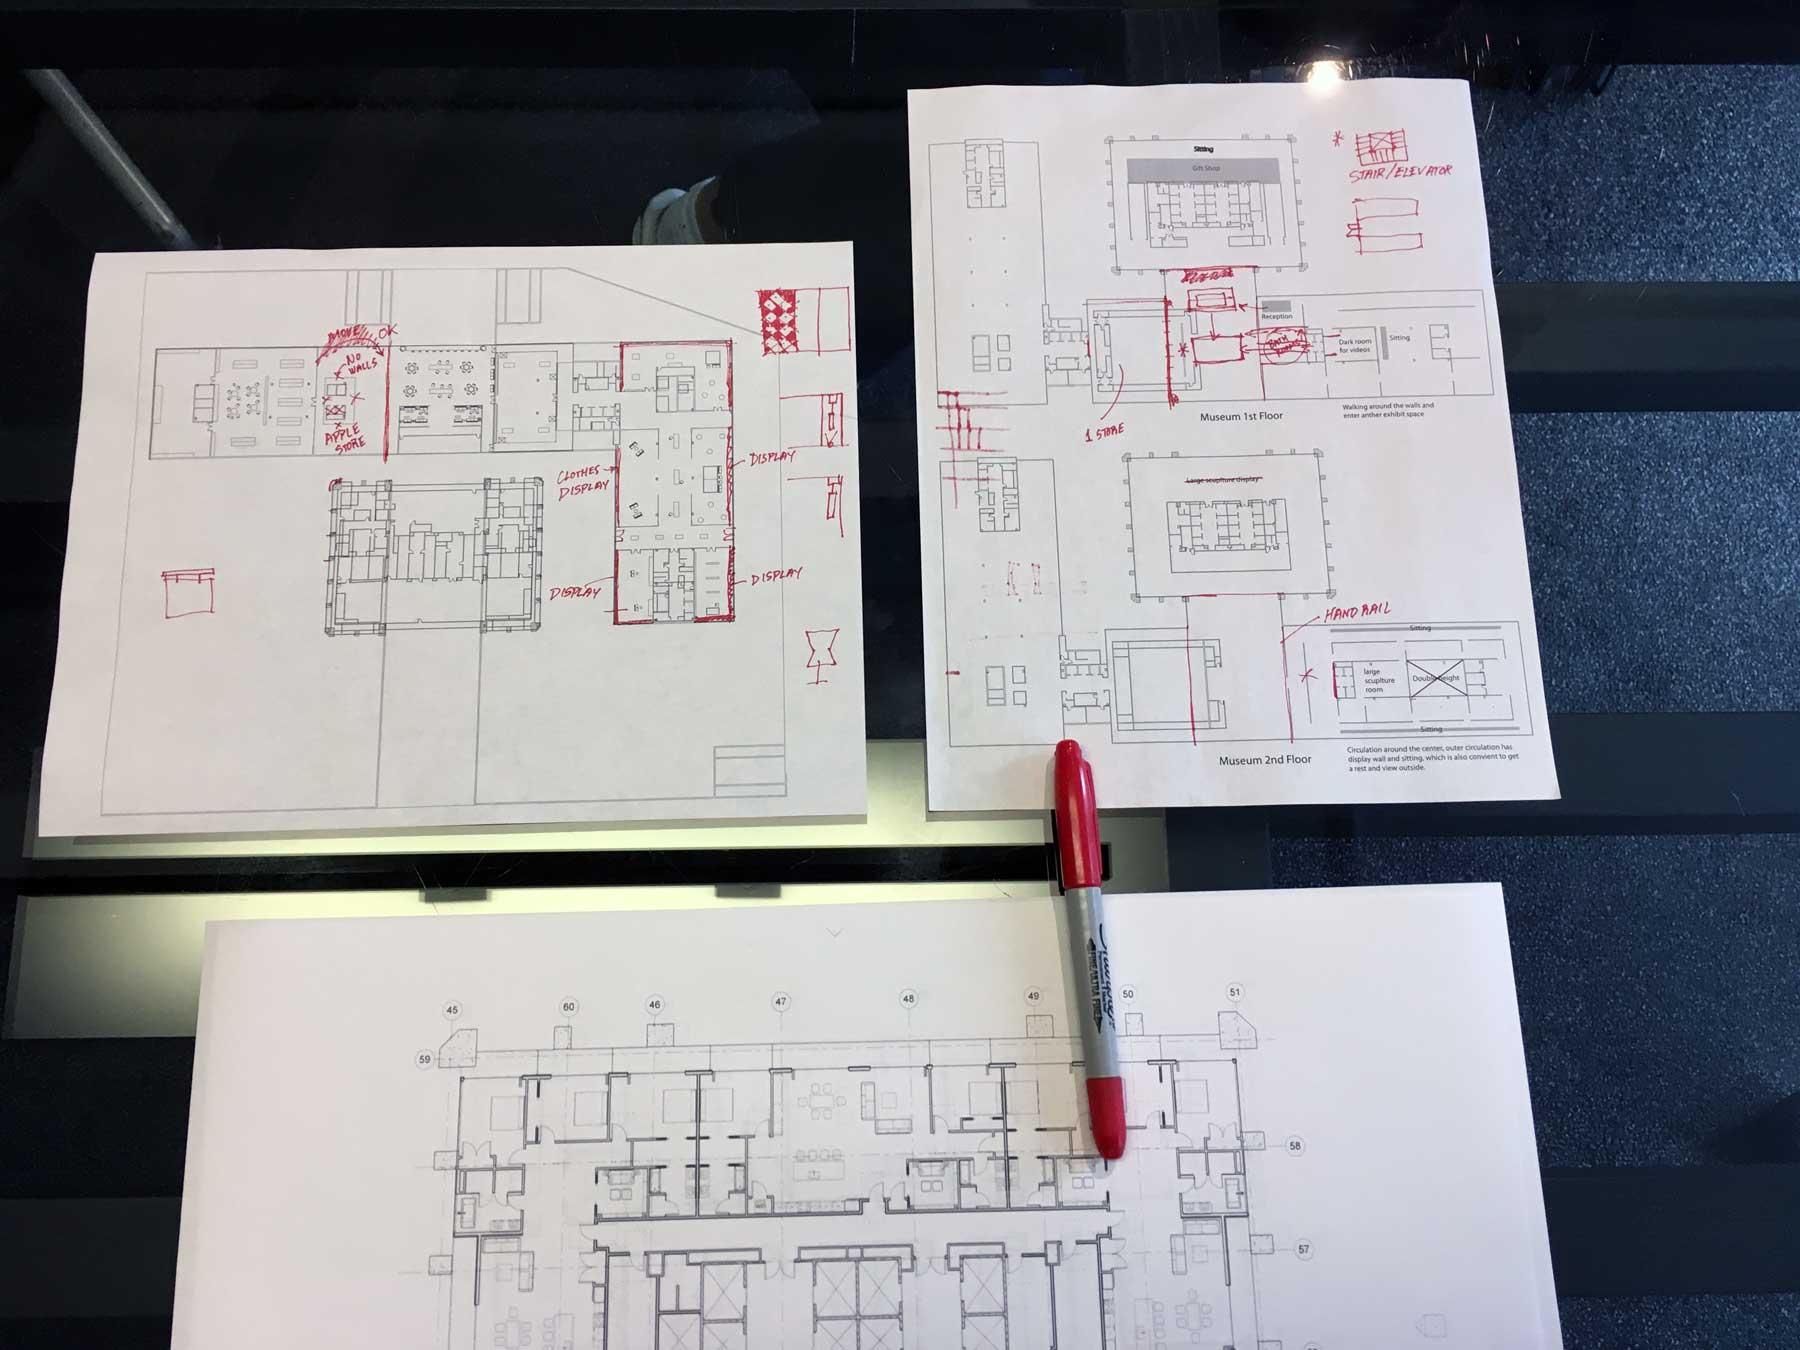 Museum design development for One Seneca Tower